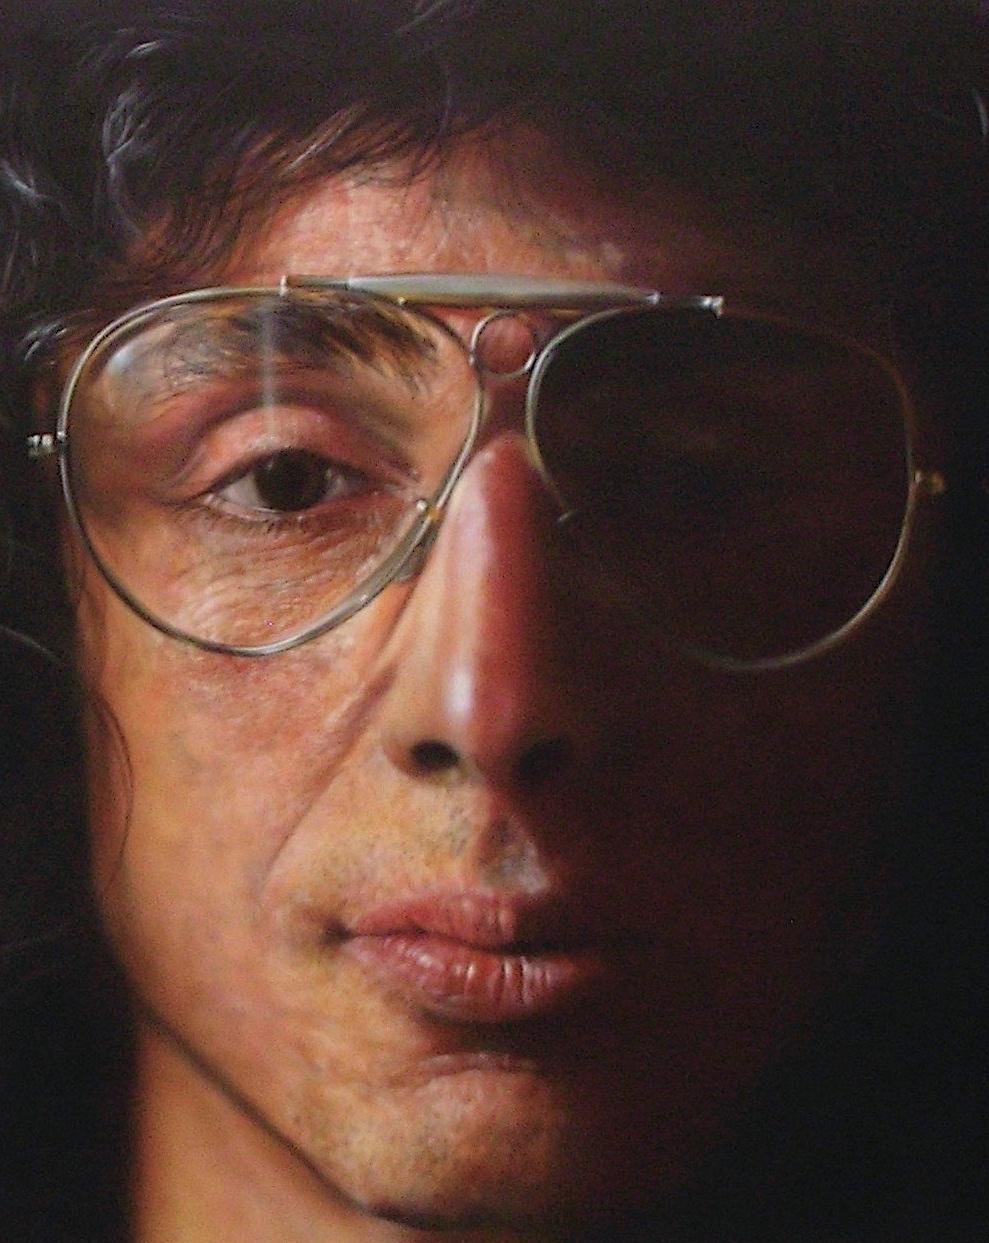 """Ben Schonzeit 'Joseph Giummo' 1977, acrylic on canvas 182.8 x 182.8 cm, detail @ """"picturing america"""" Deutsche Guggenheim Berlin 2009"""